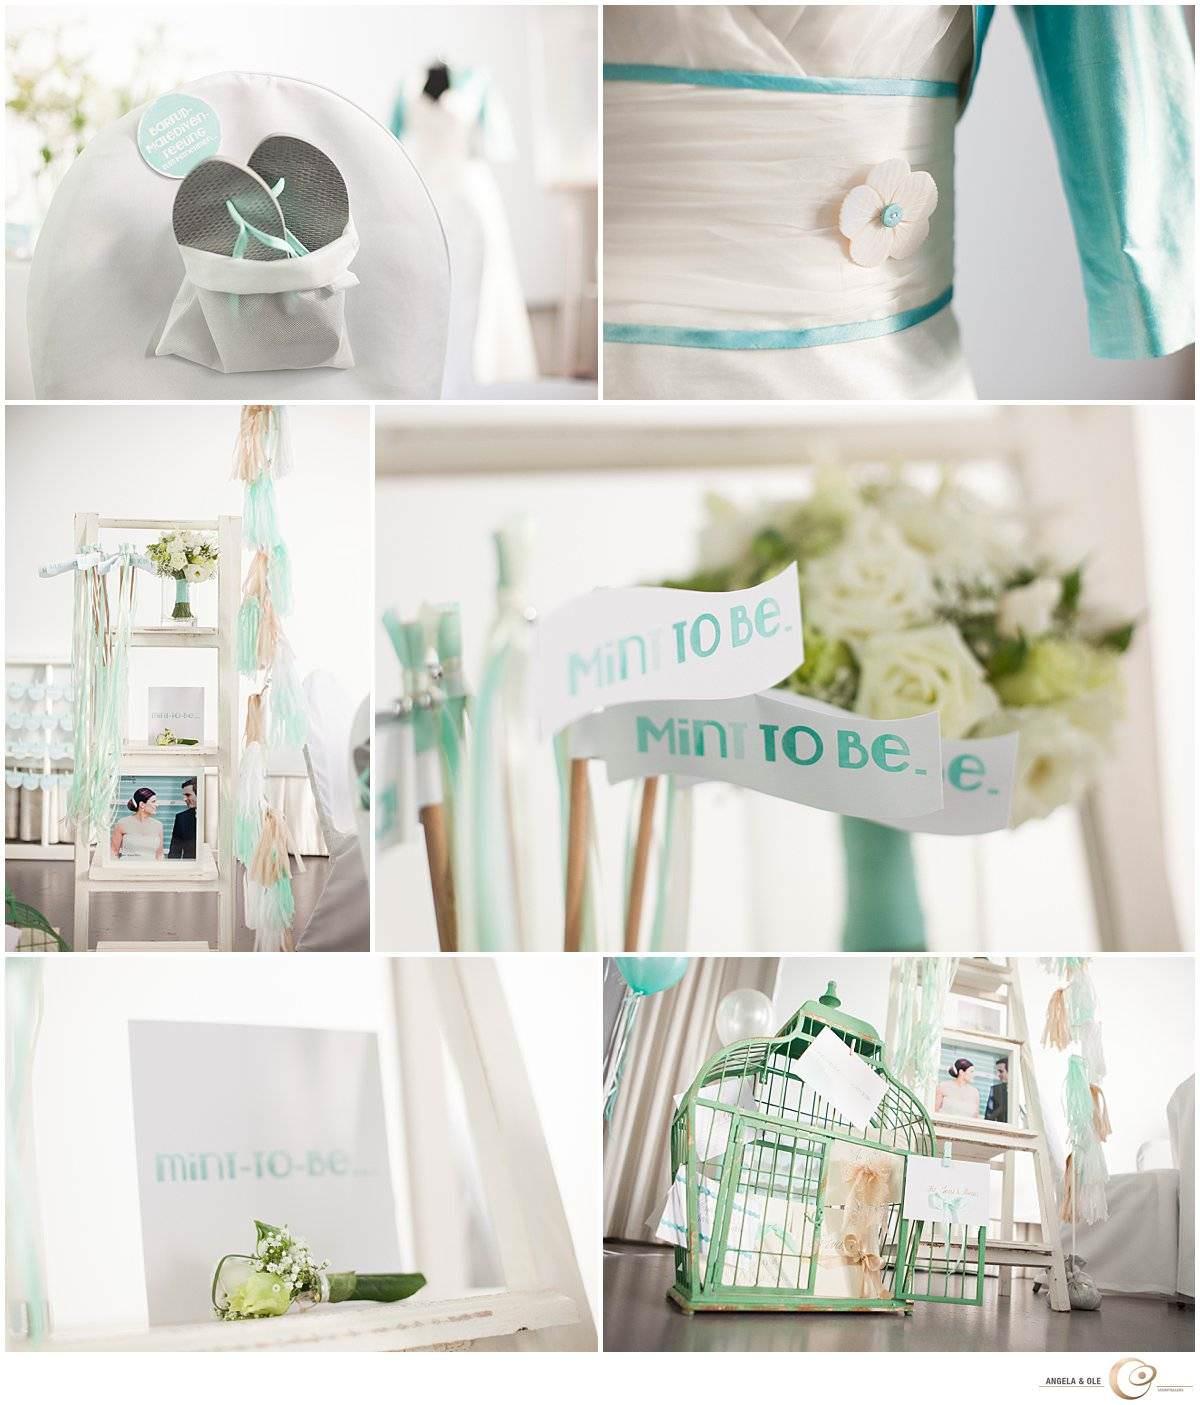 Hochzeitsdetails - Hochzeitsdekoration in Mint